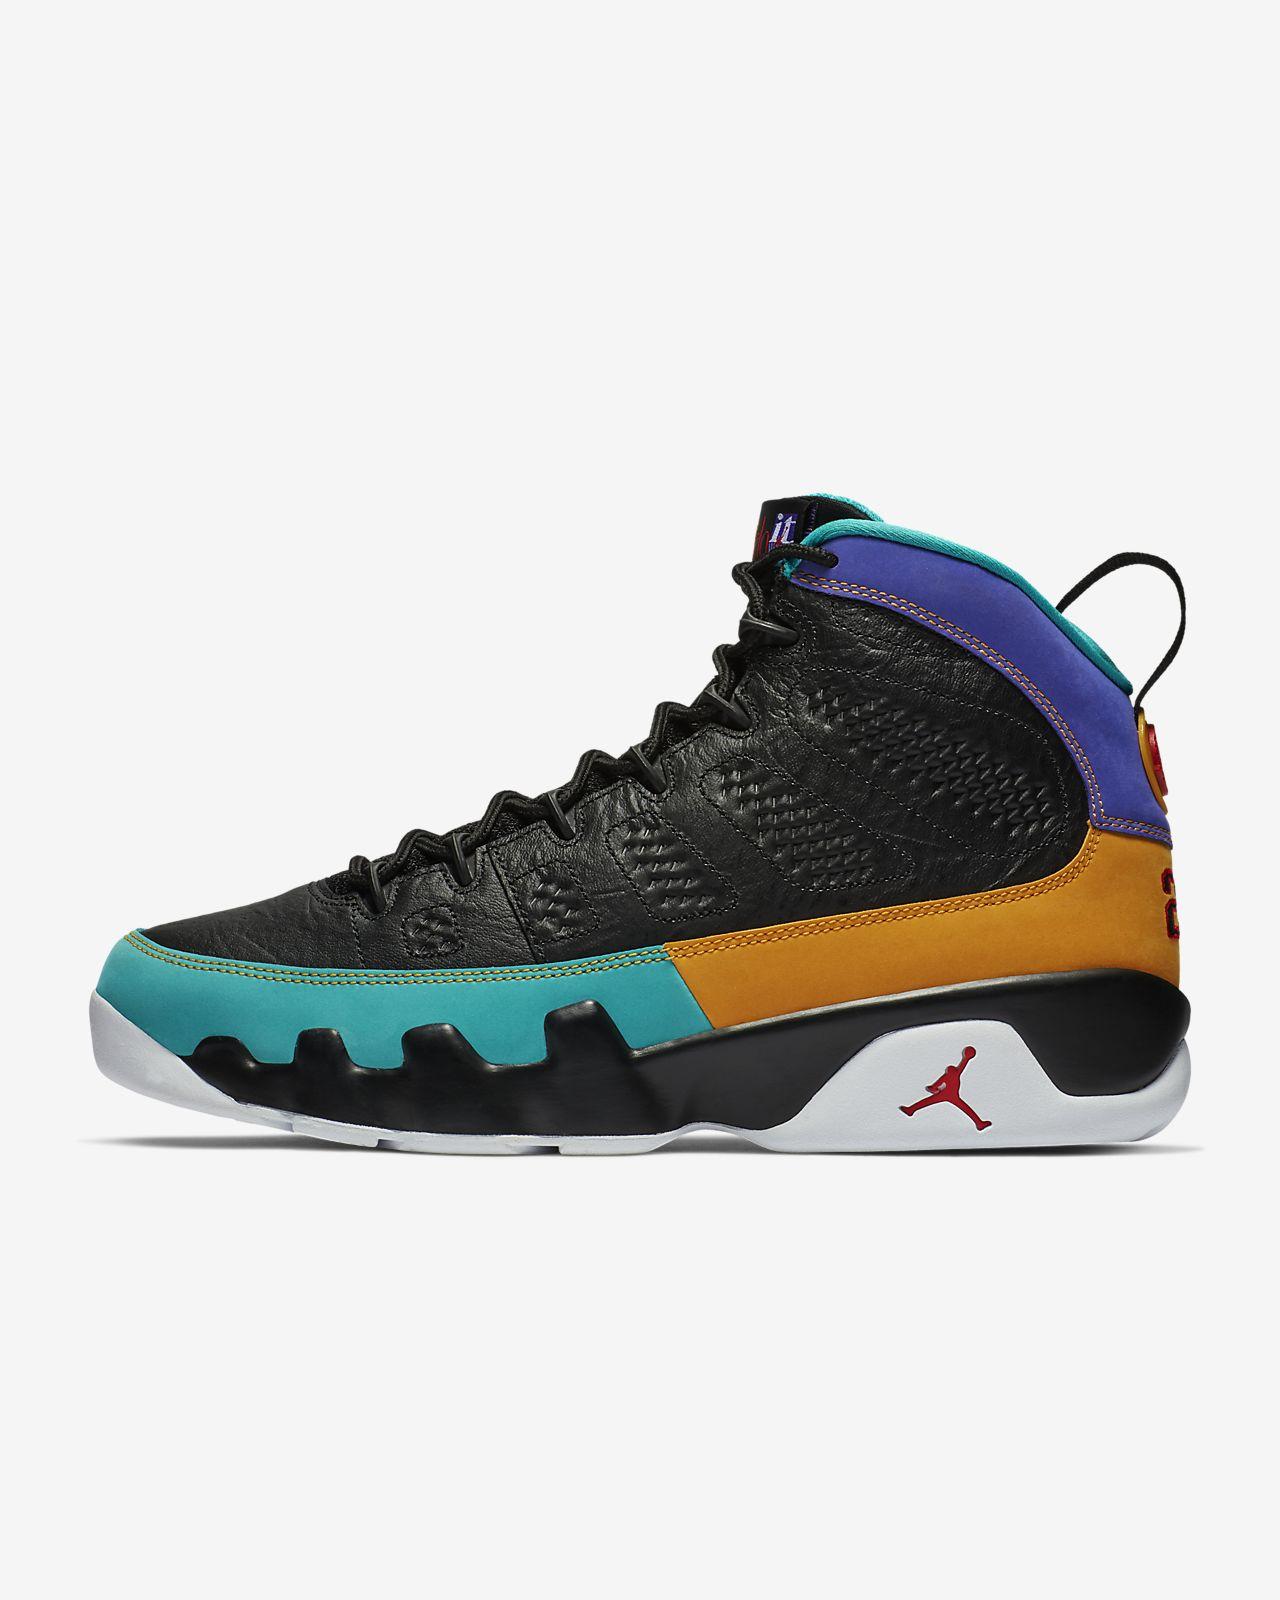 f37873dc4770a Air Jordan 9 Retro Zapatillas - Hombre. Nike.com ES